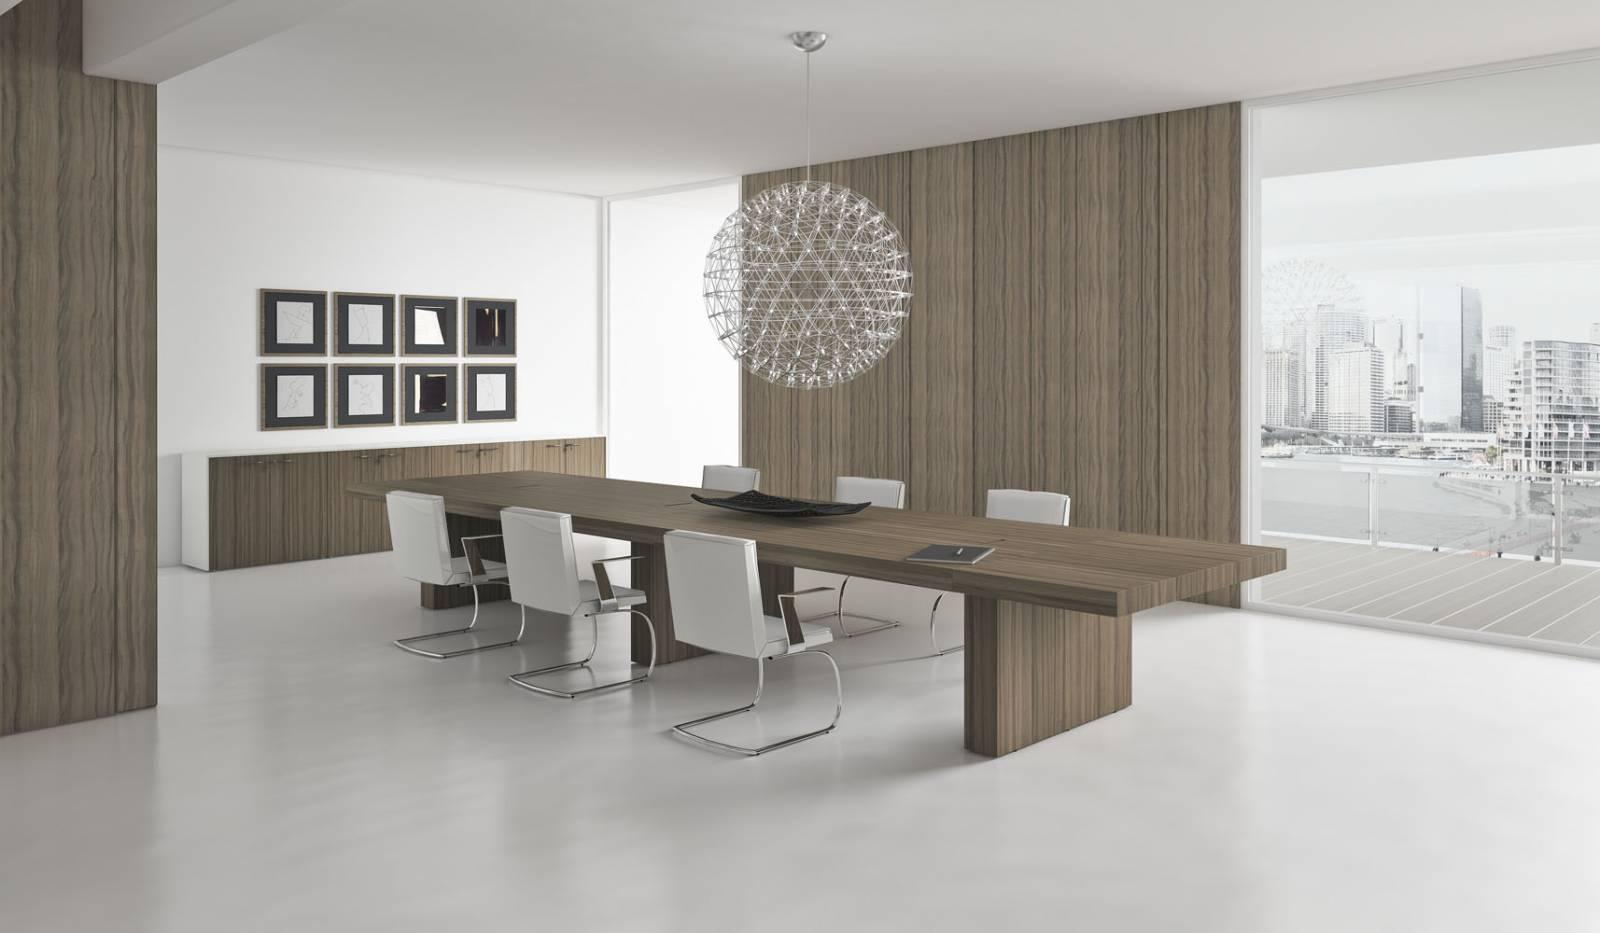 Très belle table de conférence ou de réunion coloris bois sur Aix les Milles. Les meubles de rangement bas viennent en complément de l'aménagement.